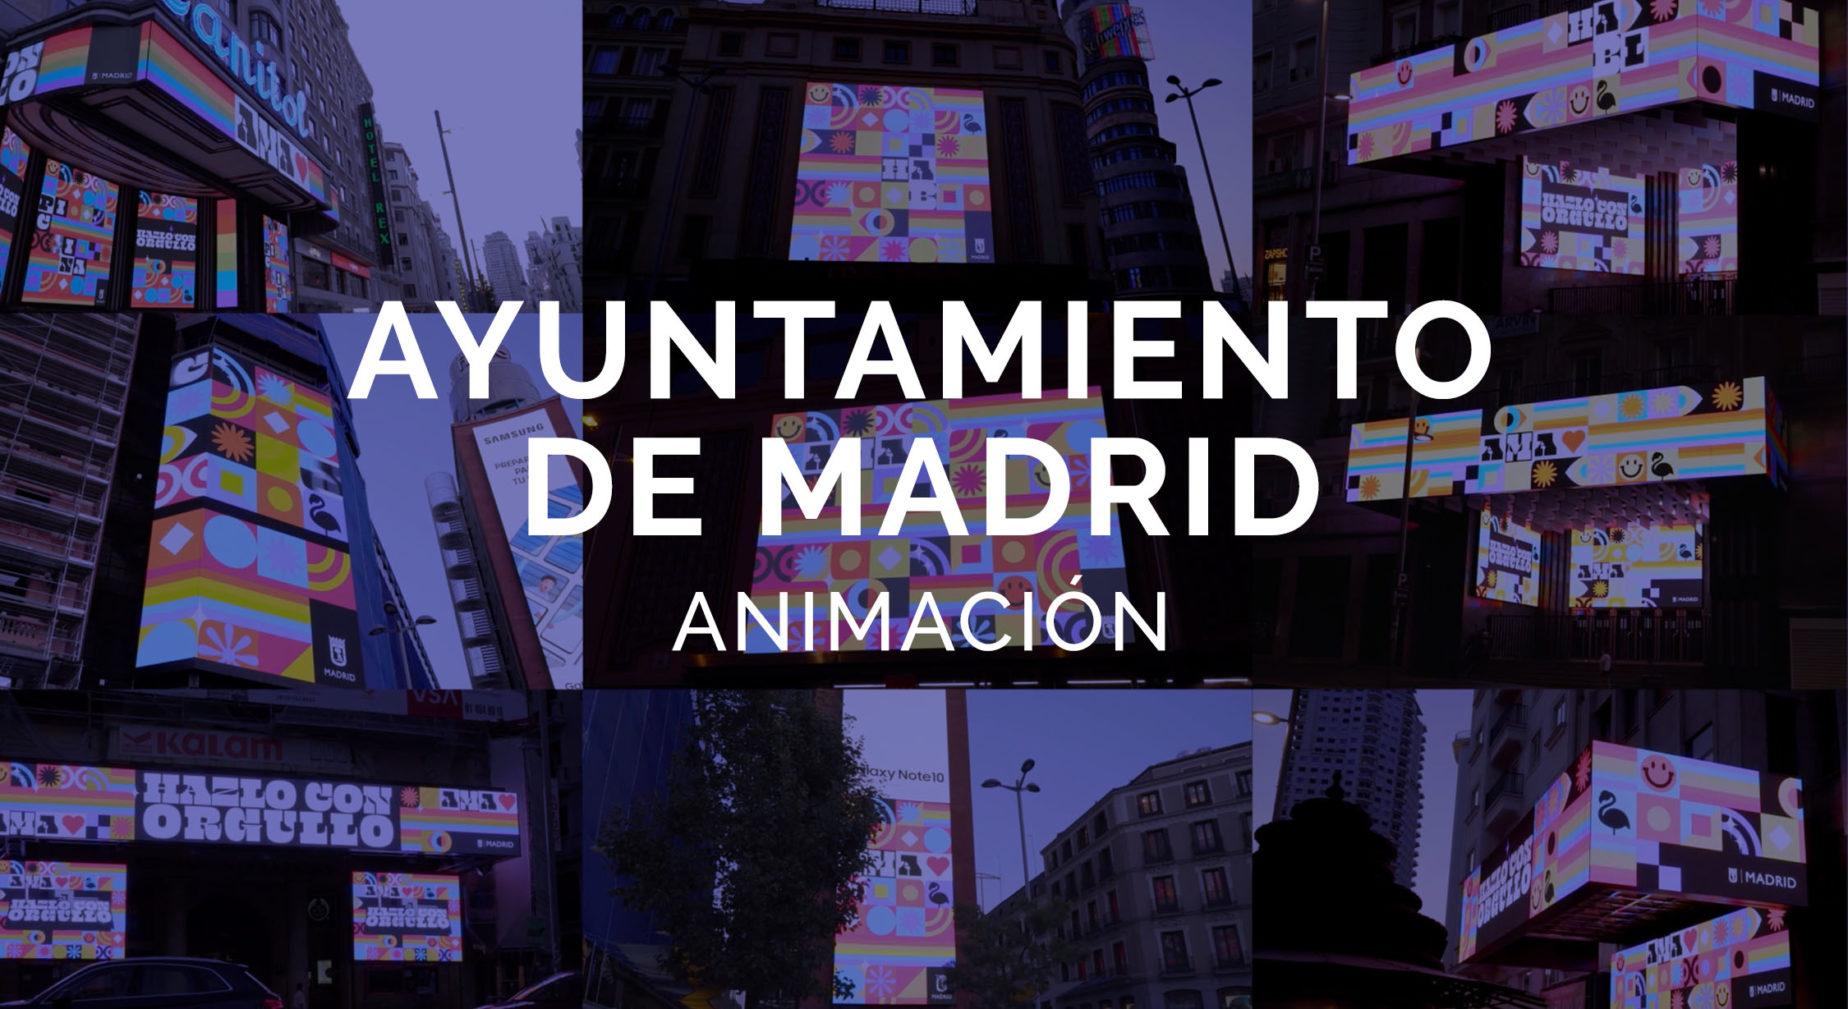 Ayuntamiento de Madrid Orgullo 2020